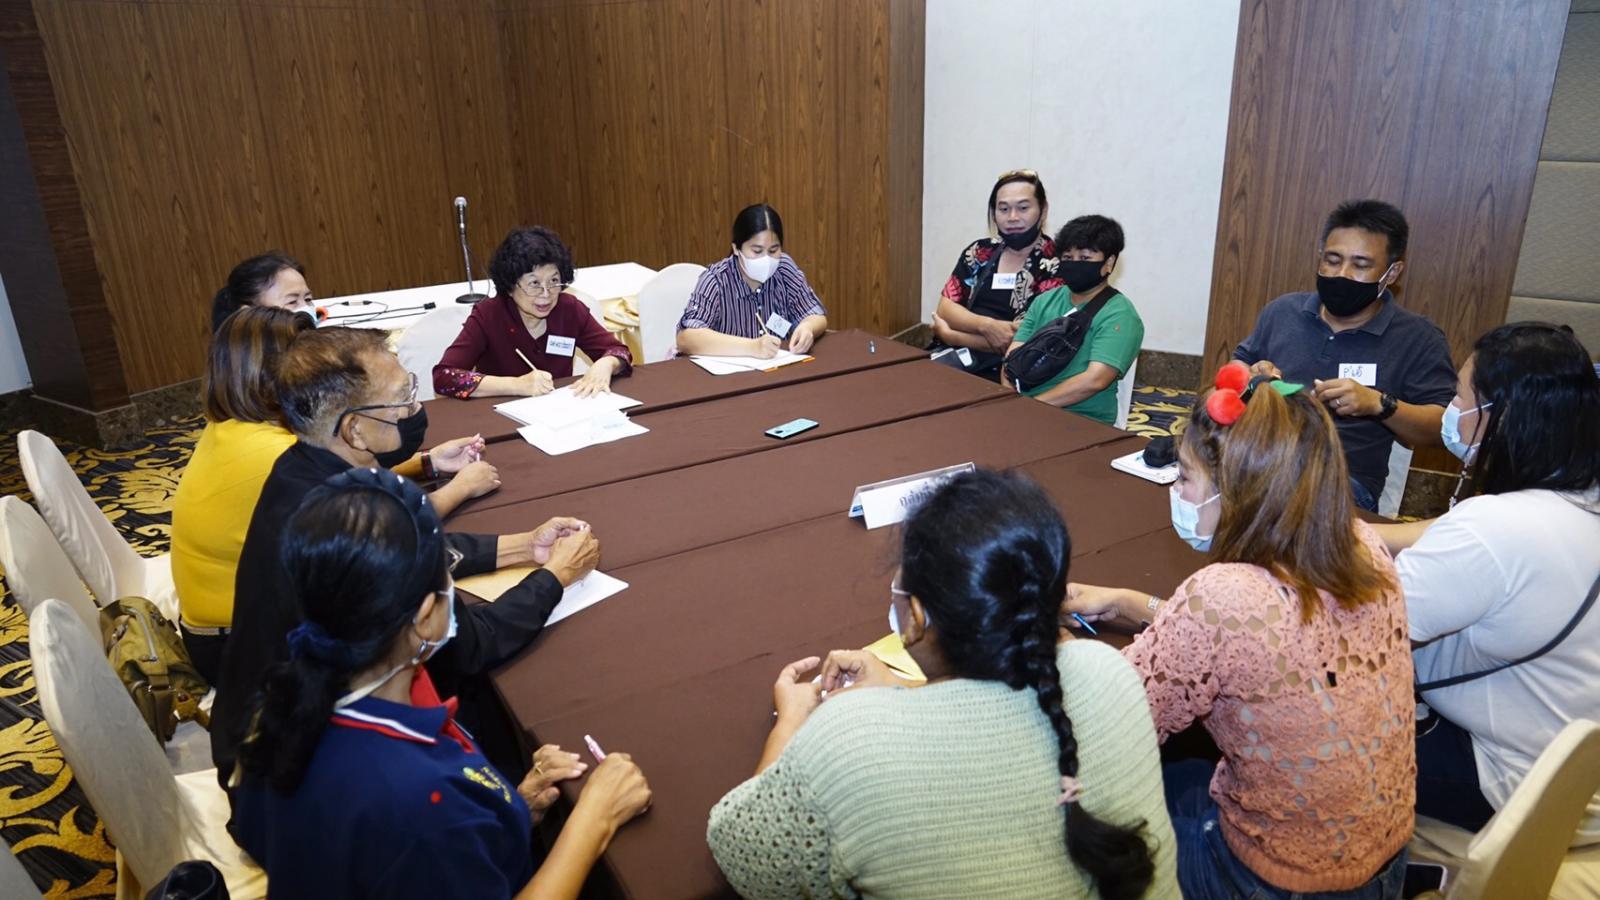 คณะพยาบาลศาสตร์ ราชวิทยาลัยจุฬาภรณ์ จัดโครงการสนทนากลุ่มประธานชุมชน อสส และประชาชน ระหว่างวันที่ 10 ถึง 28 มีนาคม 2564